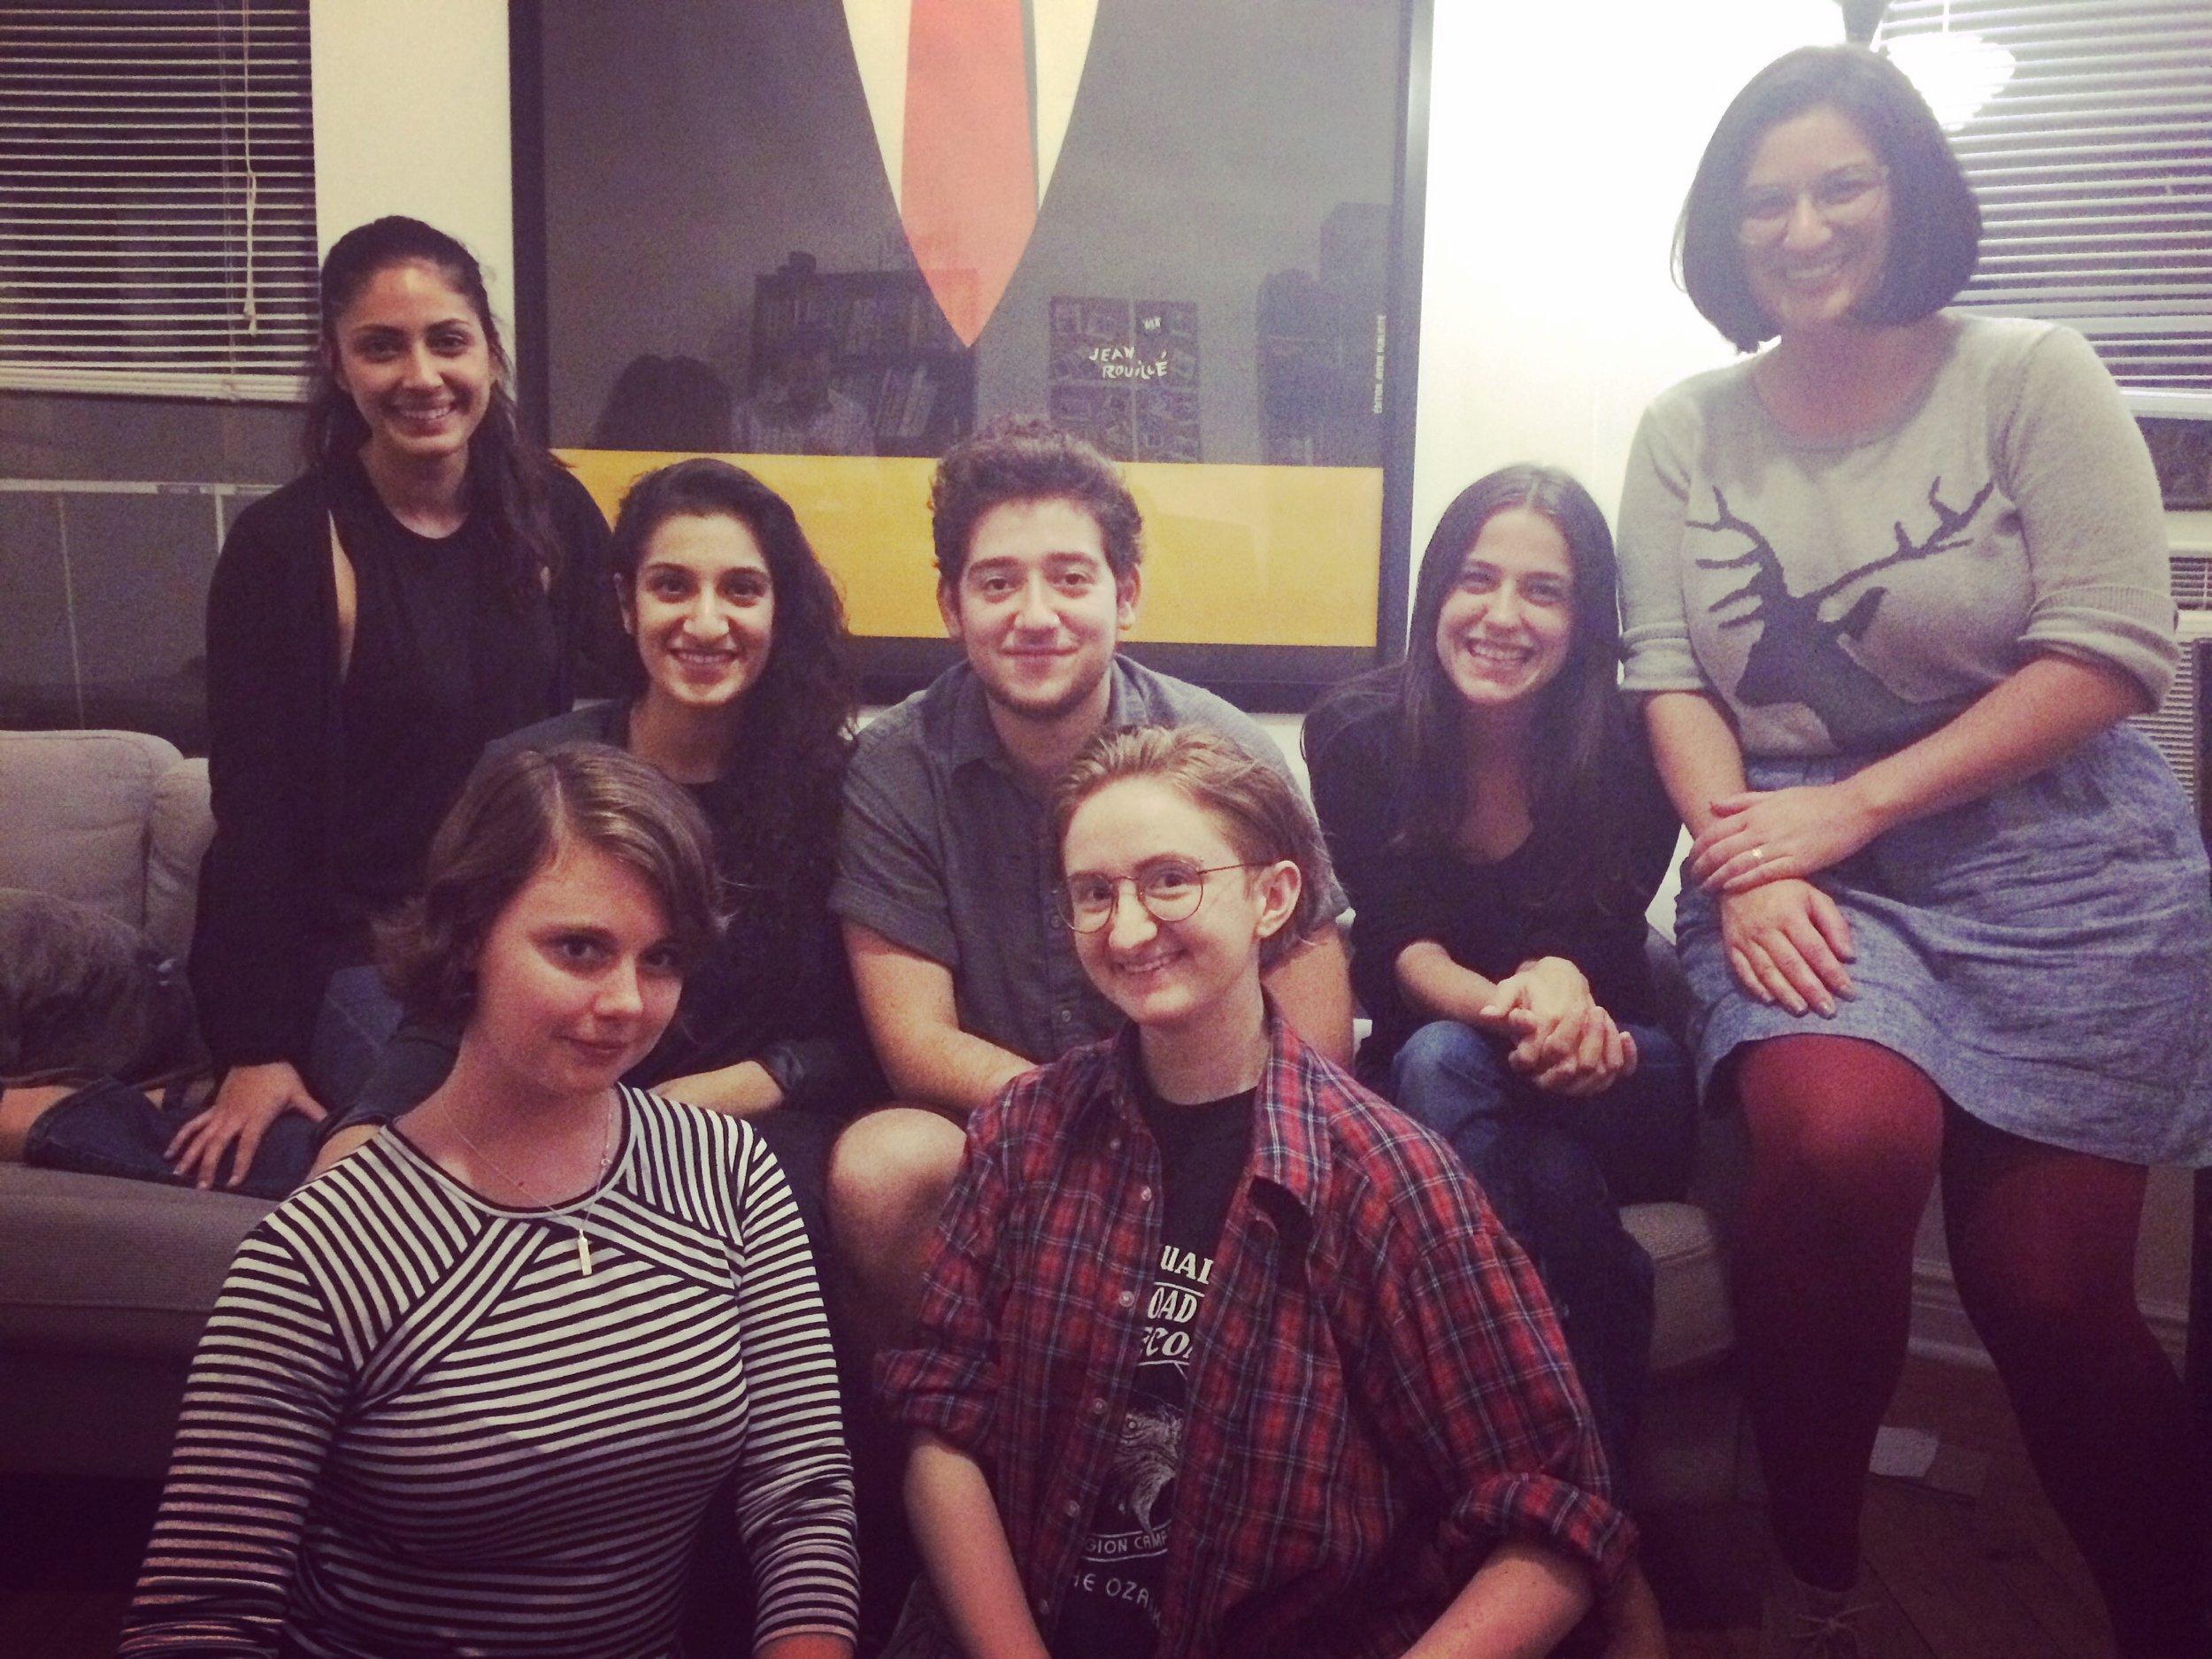 (Top row): Maya Maniar, J. Mehr Kaur, Tae Braun, Sarah Chalfie, Darcy Parker Bruce; (Bottom row): Maggie Crane, Bre Northrup.